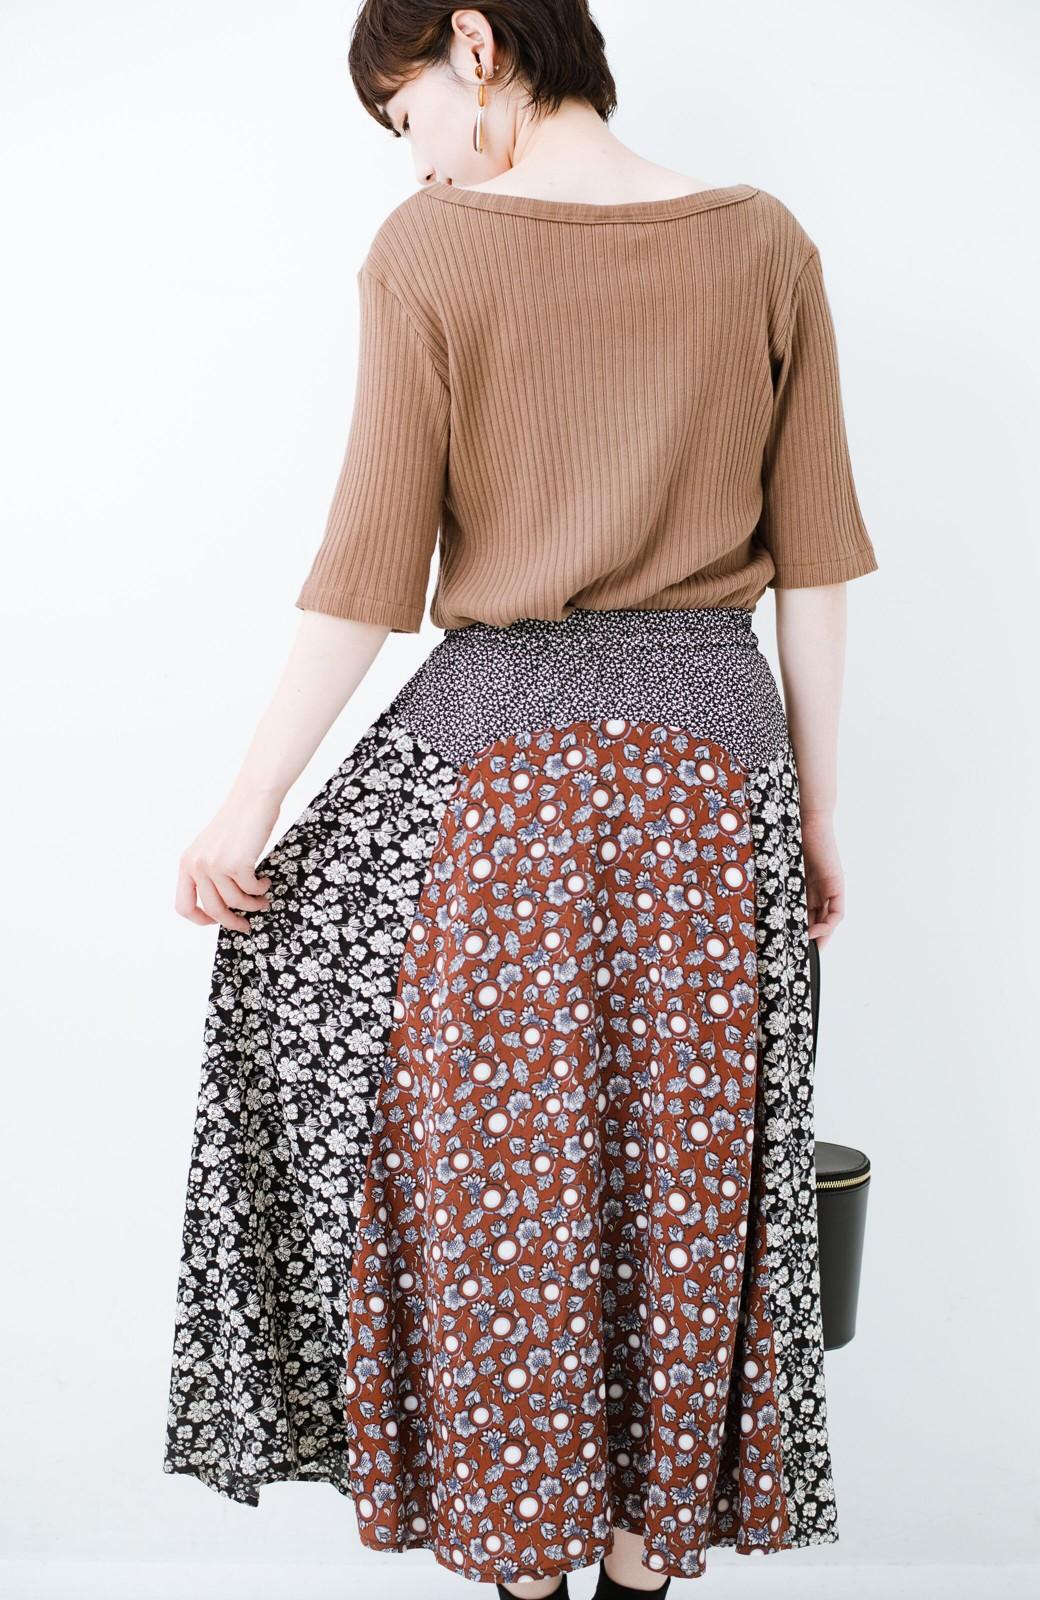 haco! 【洗濯機洗いOK】シンプルなトップスに合わせるだけでかわいくなれる MIX柄スカート <ブラックミックス>の商品写真19